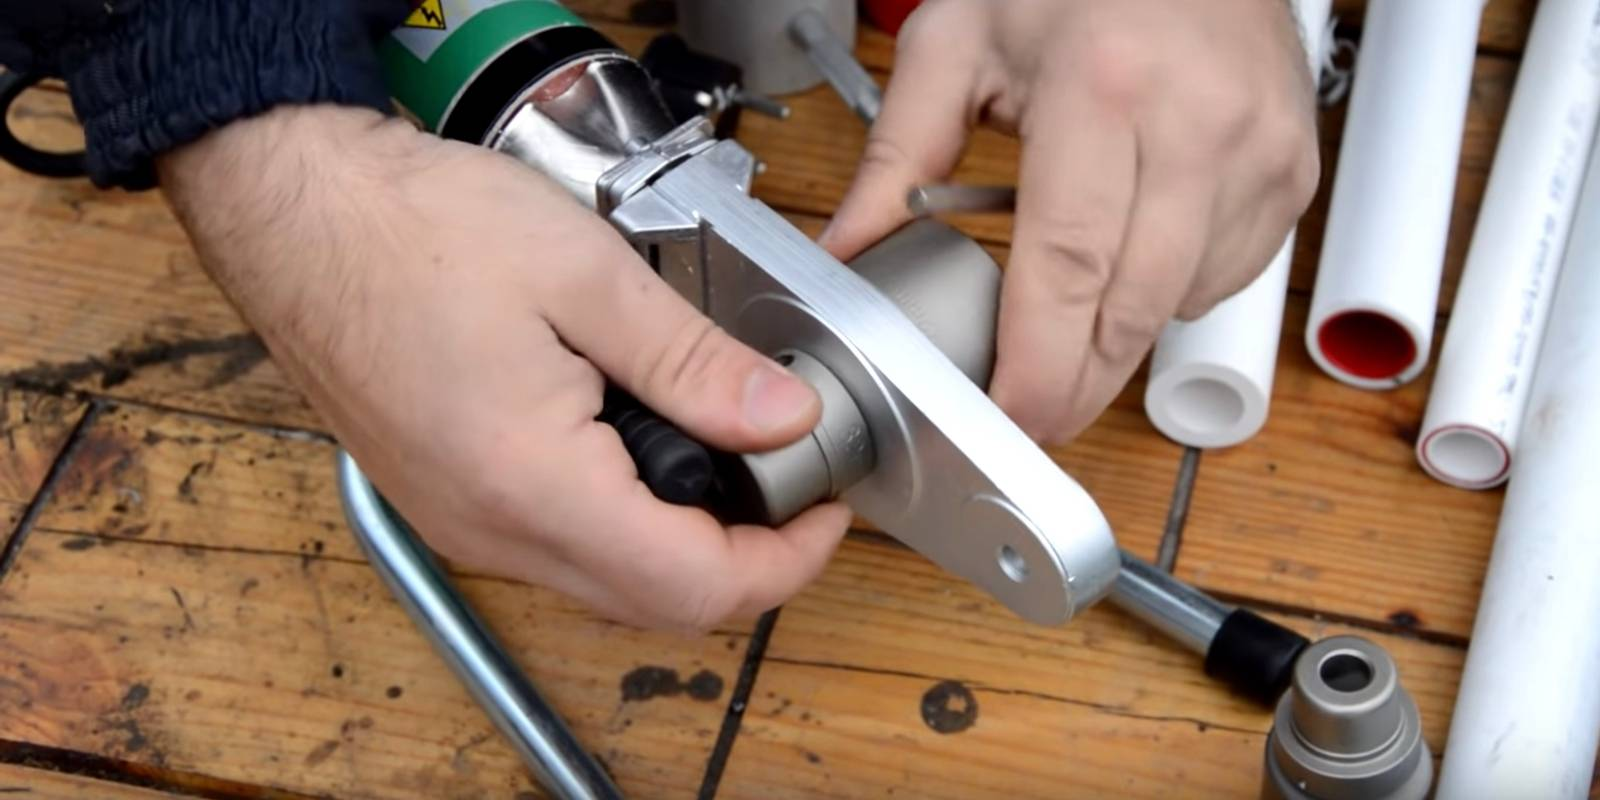 Пайка полипропиленовых труб своими руками: технология, инструкция, видео